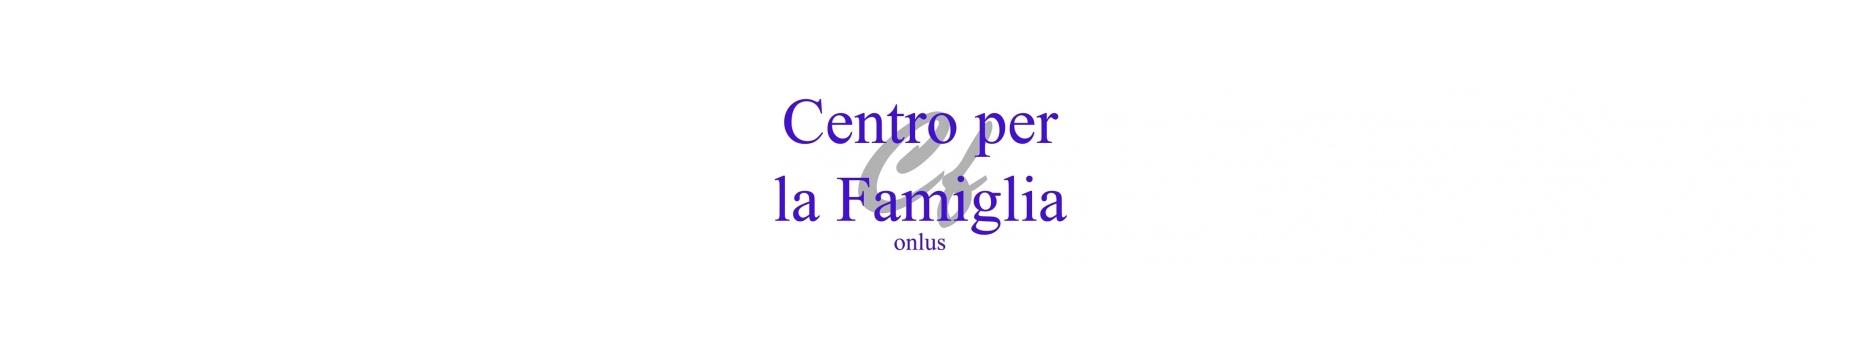 Associazione Centro per la Famiglia ONLUS - logo